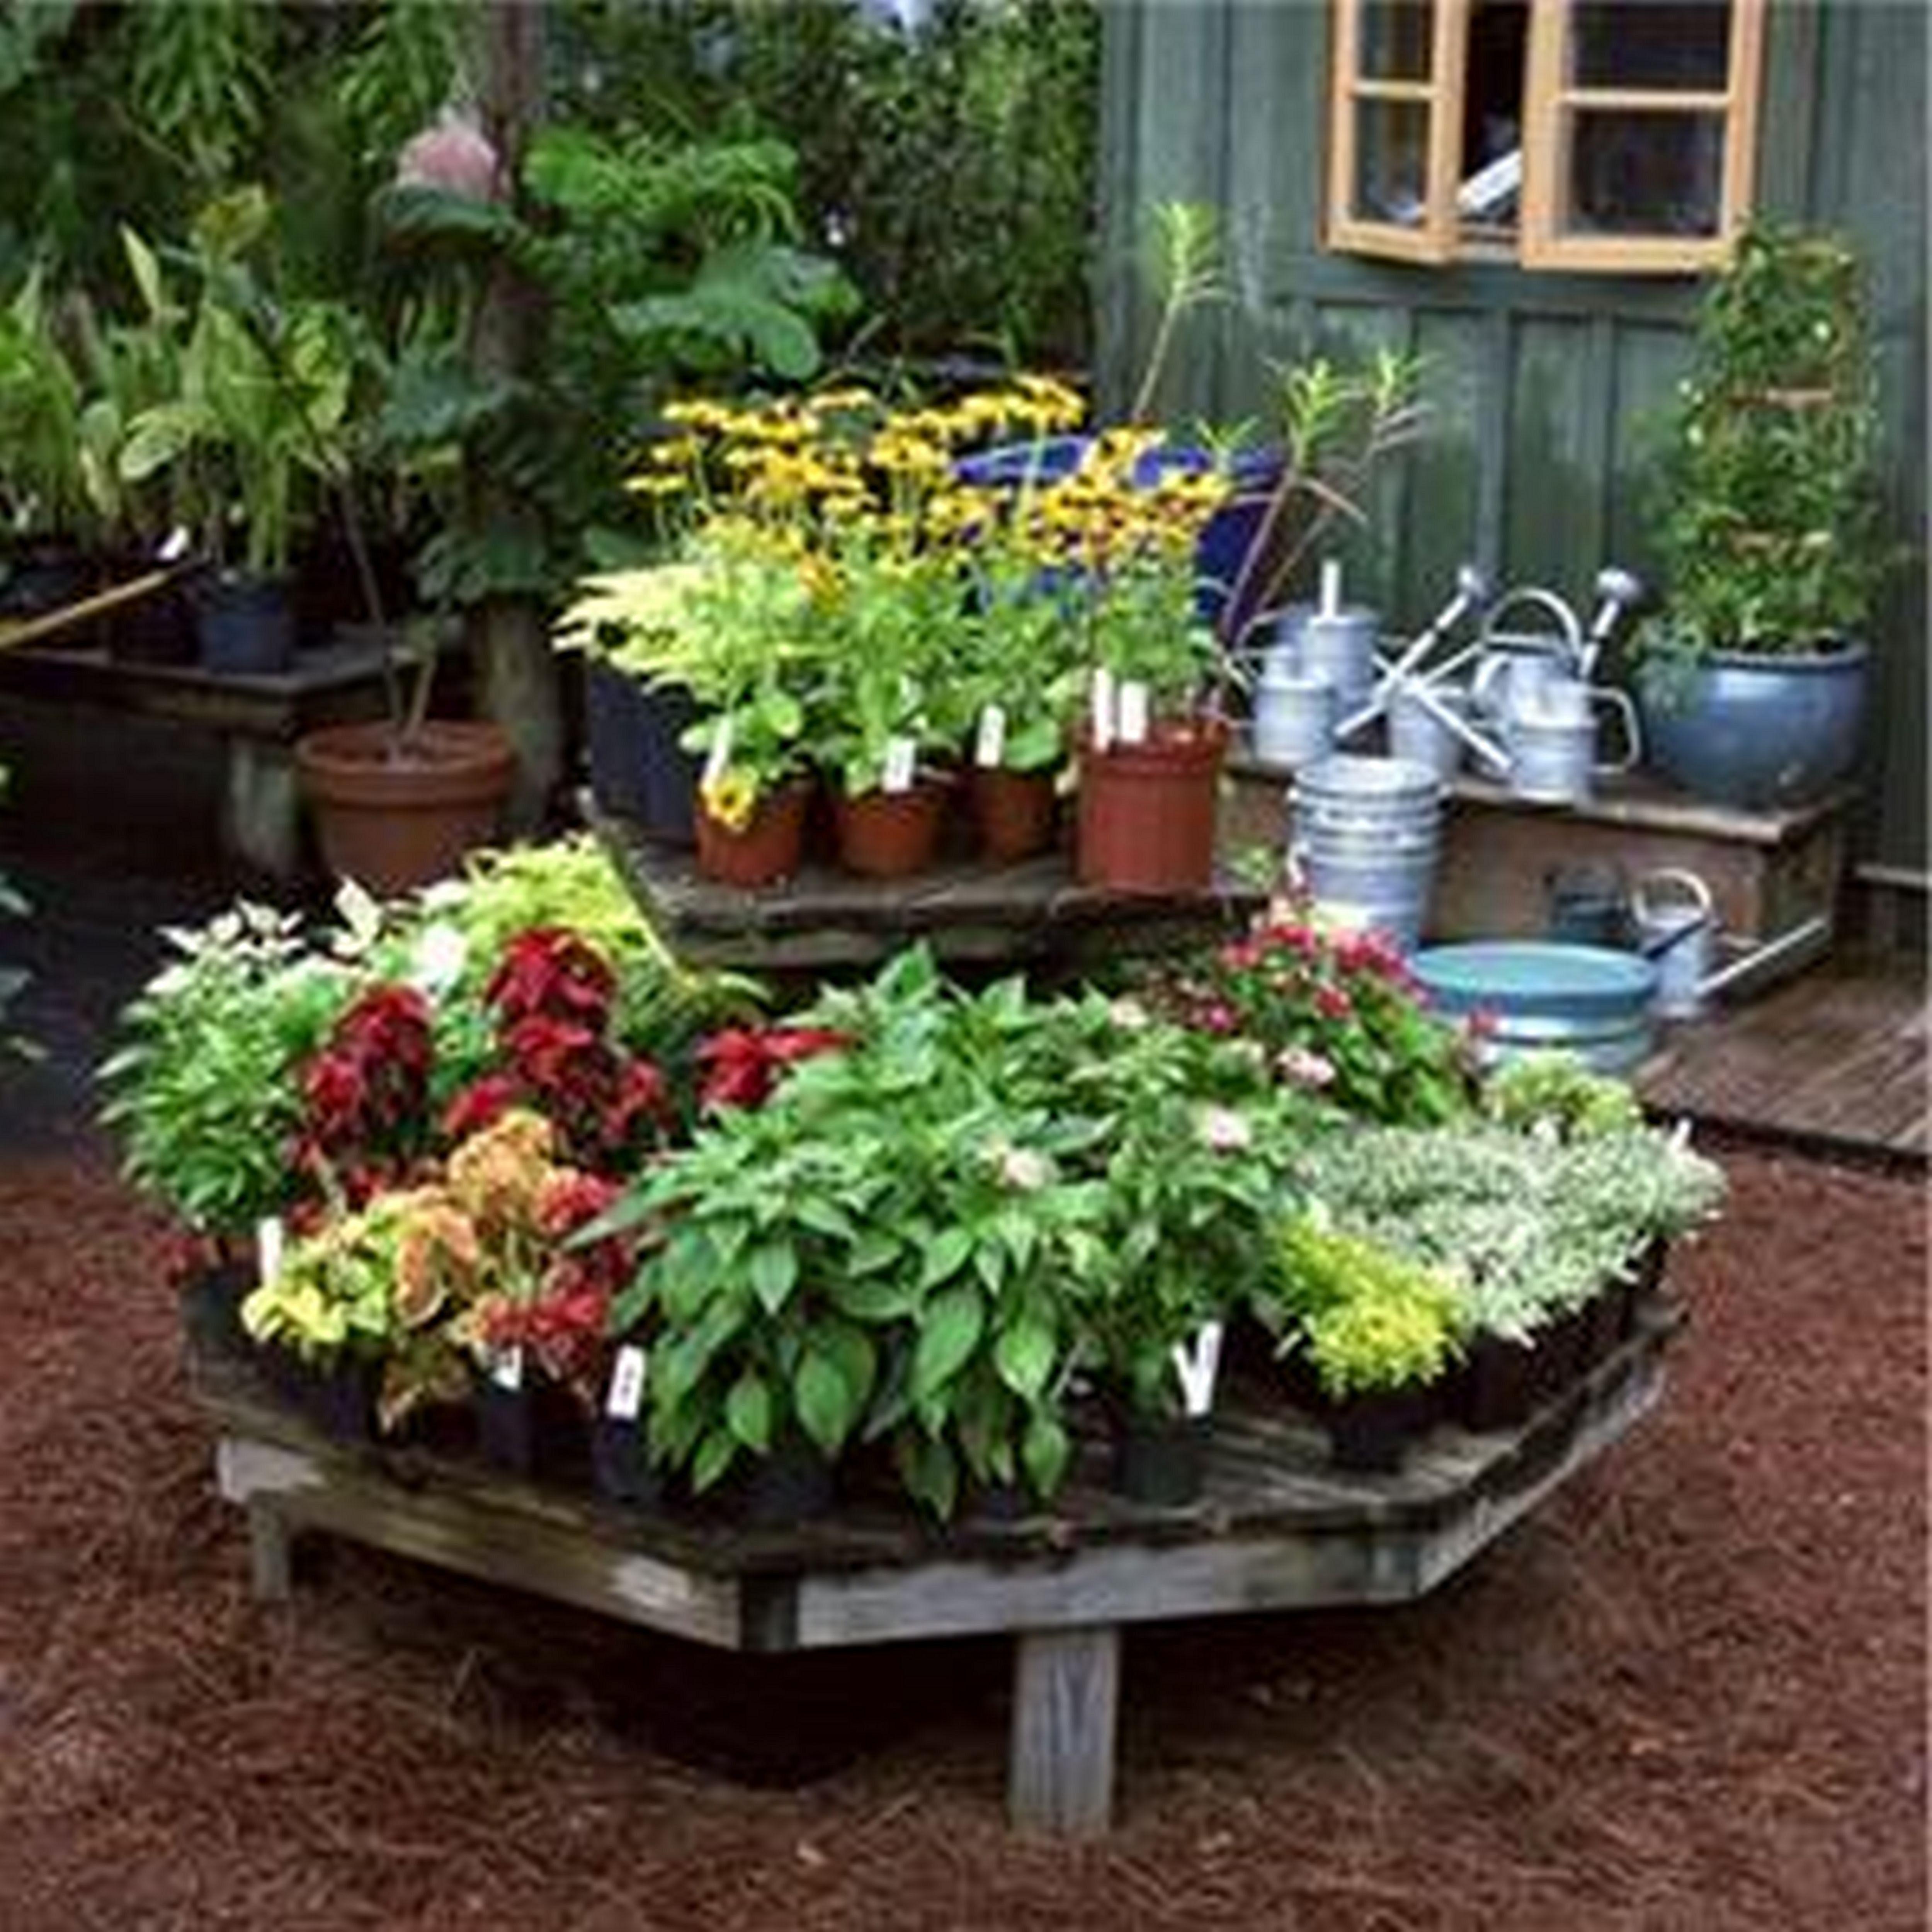 In home garden ideas   Astonishing Vegetable Zen Garden Ideas For Inspiration